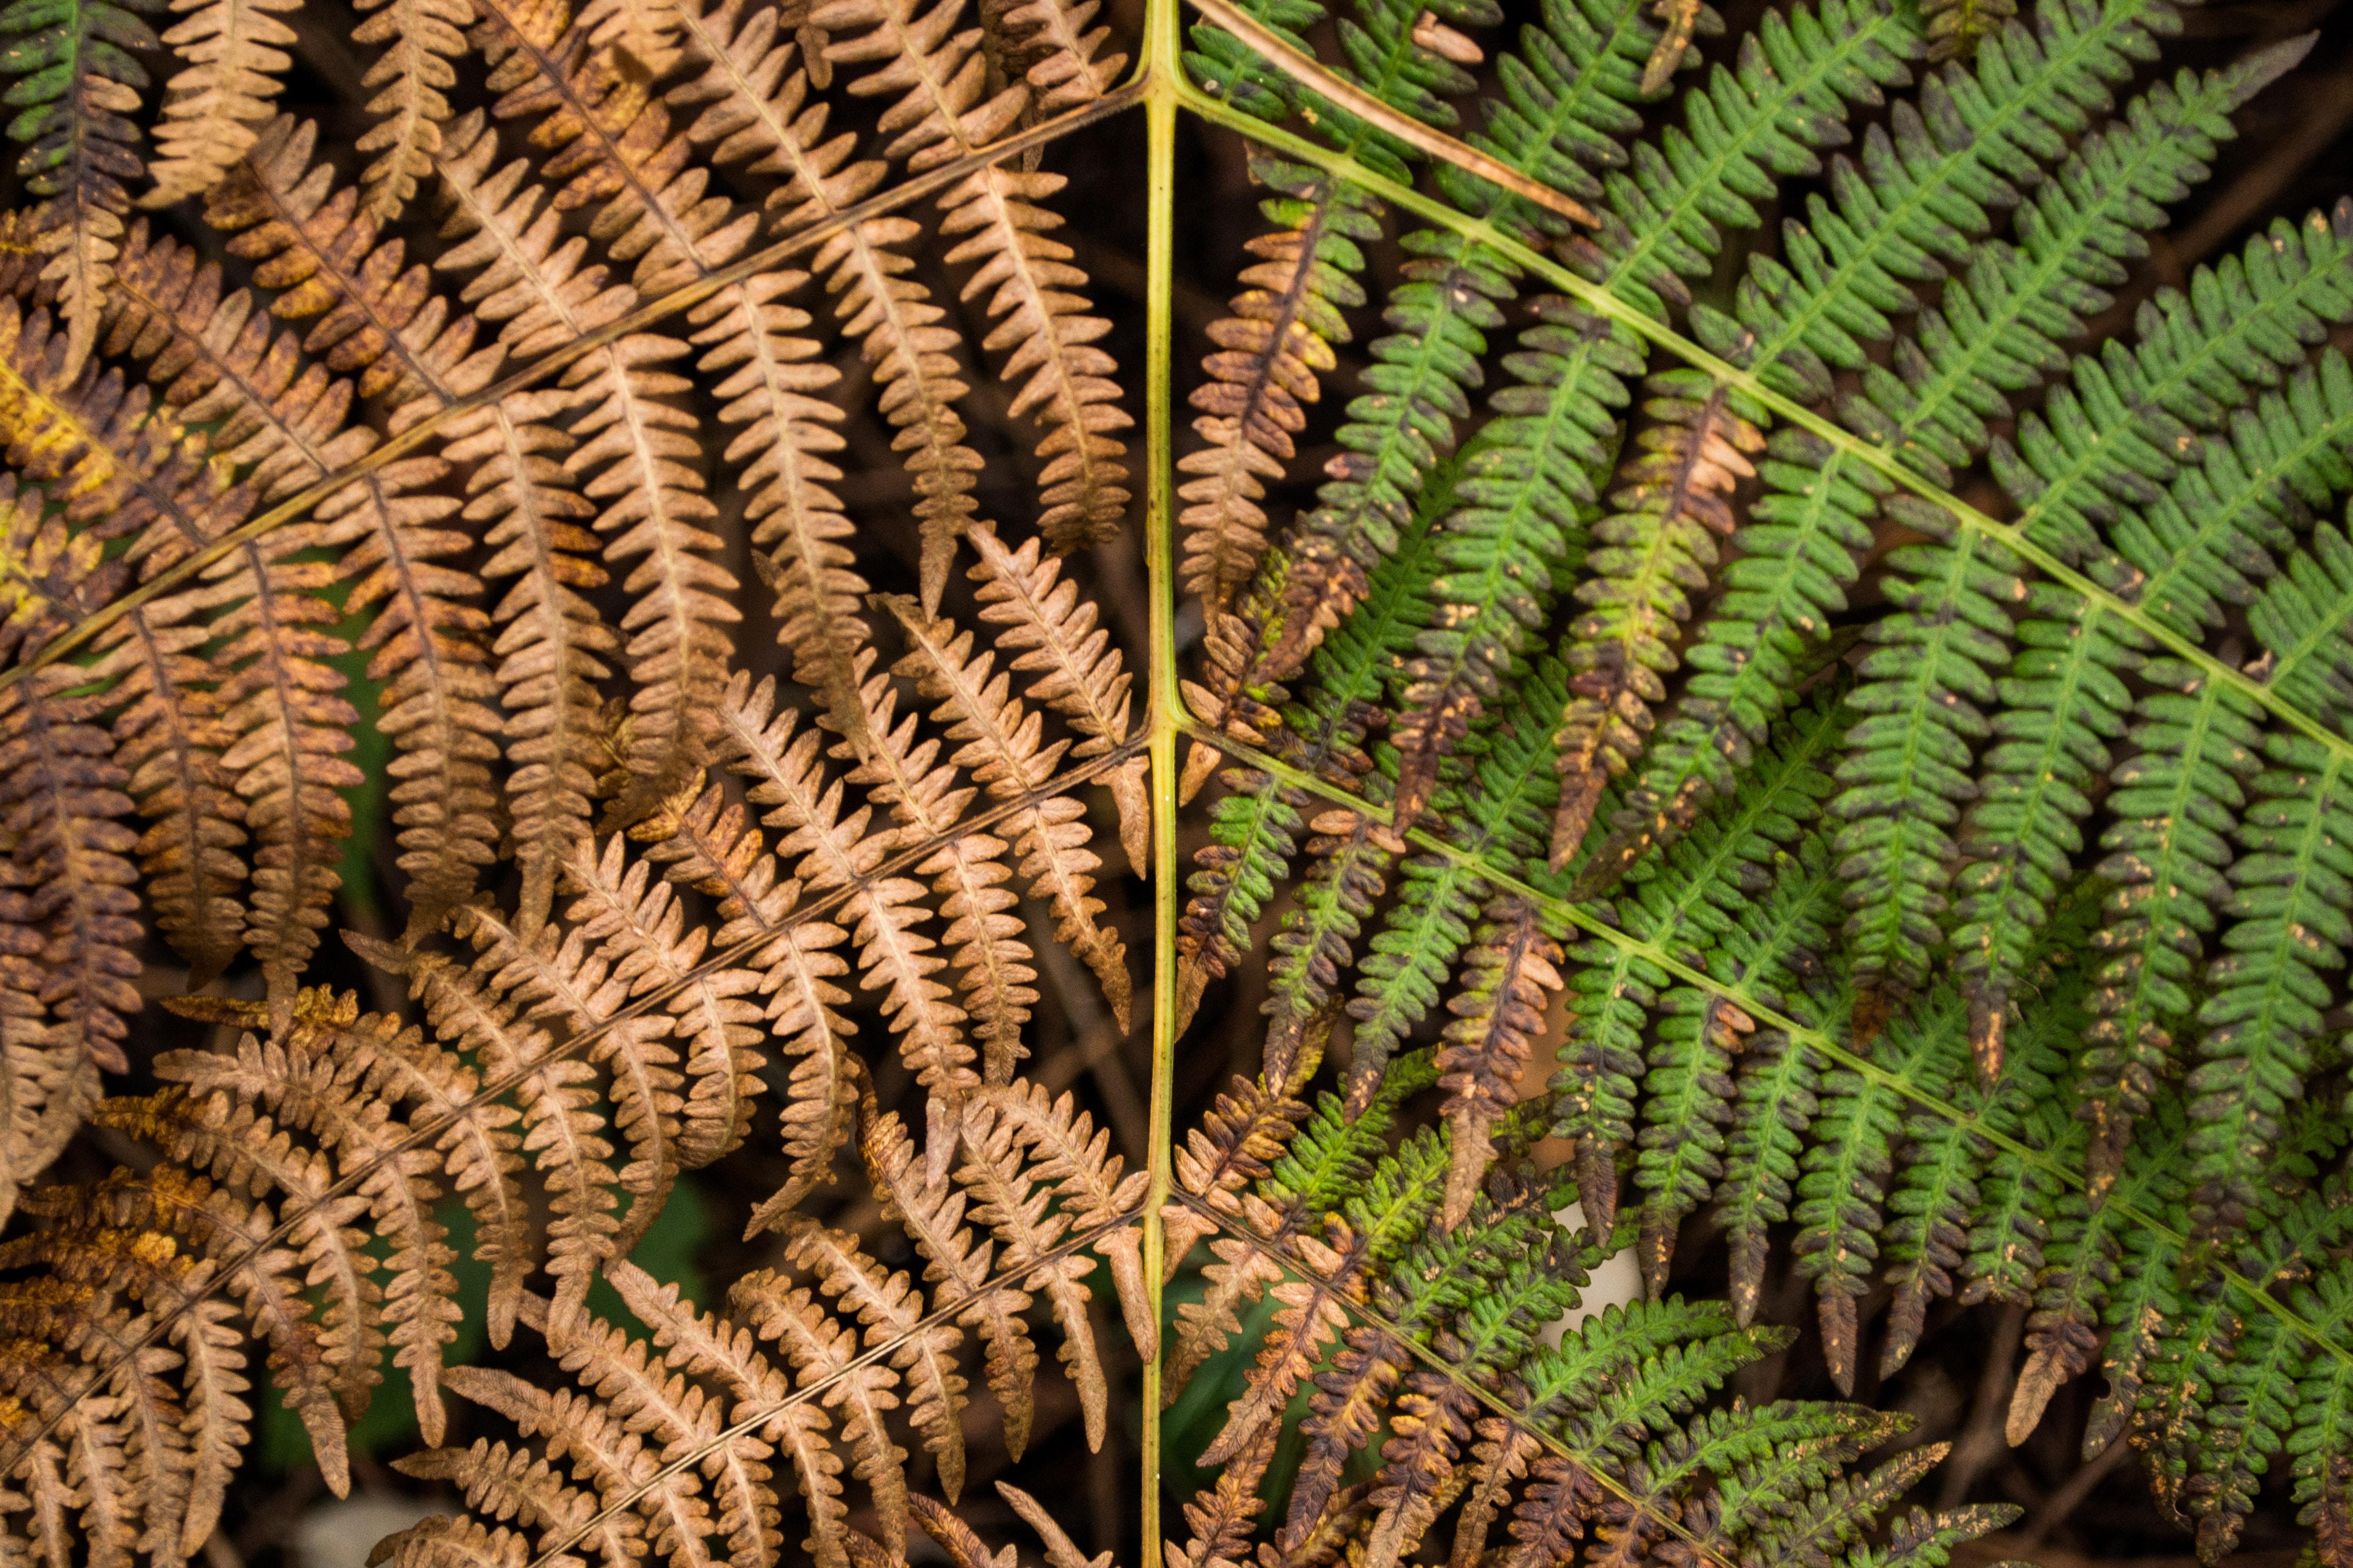 dried and fresh fern leaves